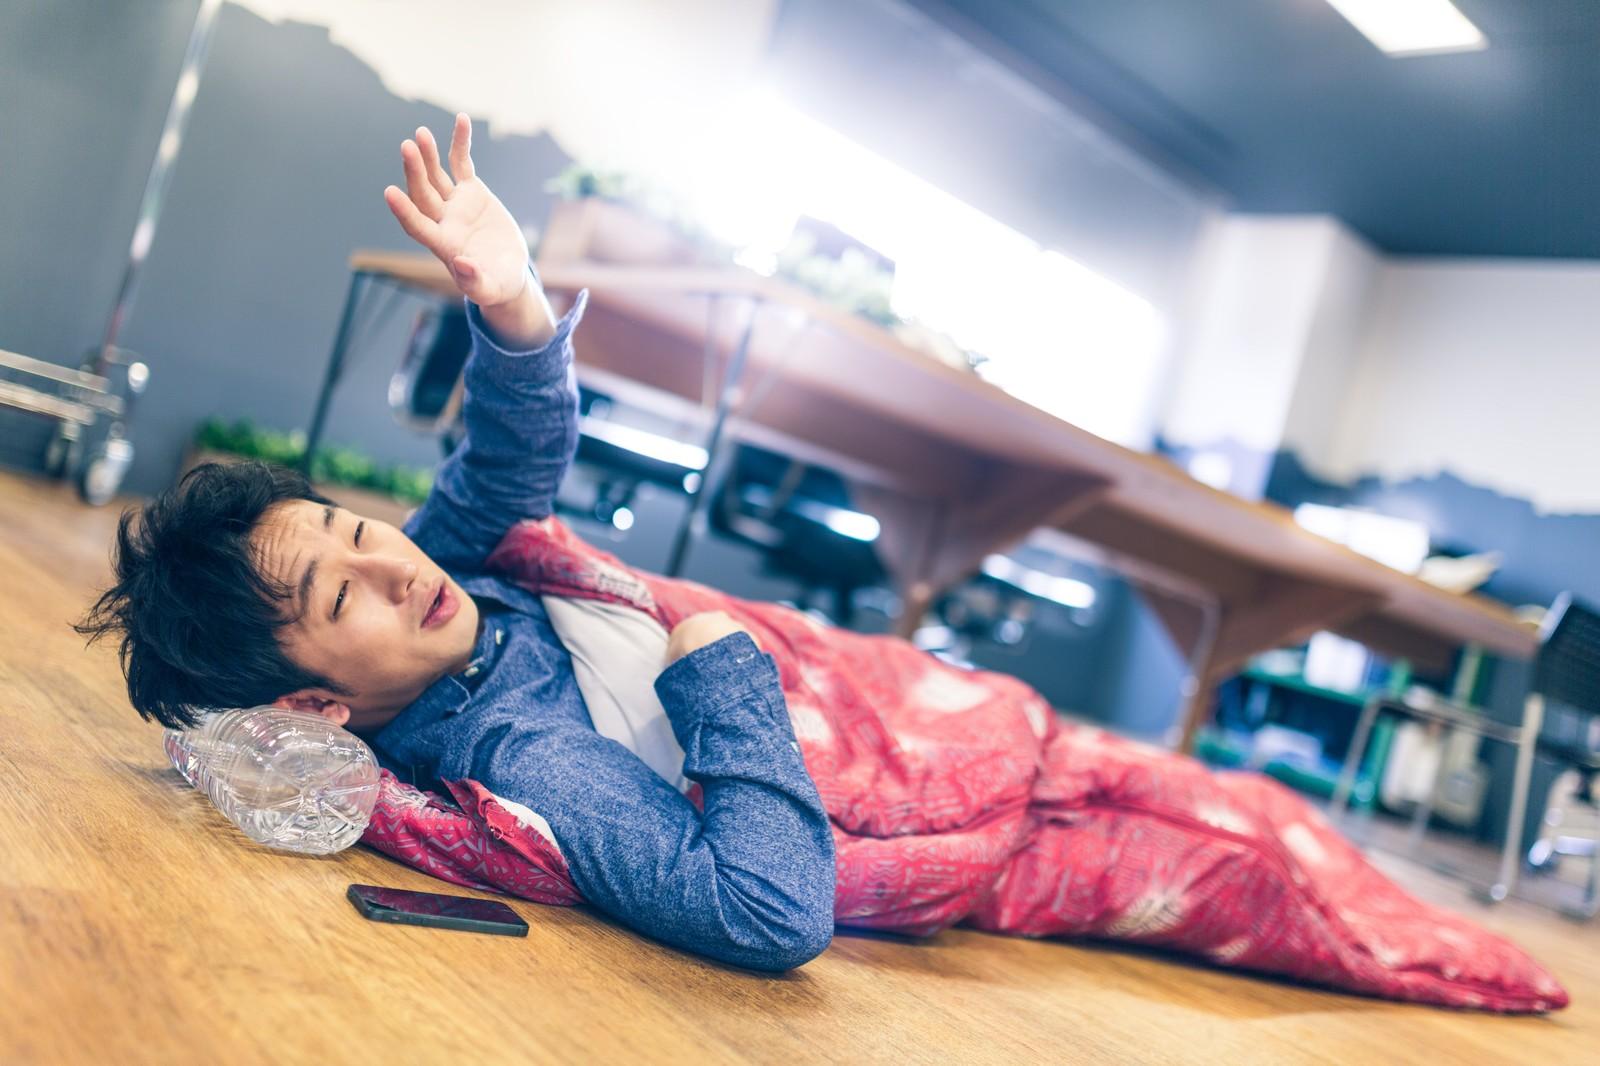 枕がペットボトルで、かつ、寝袋で寝ているため疲れが全然抜けていない鬱病なりかけのビジネスマン